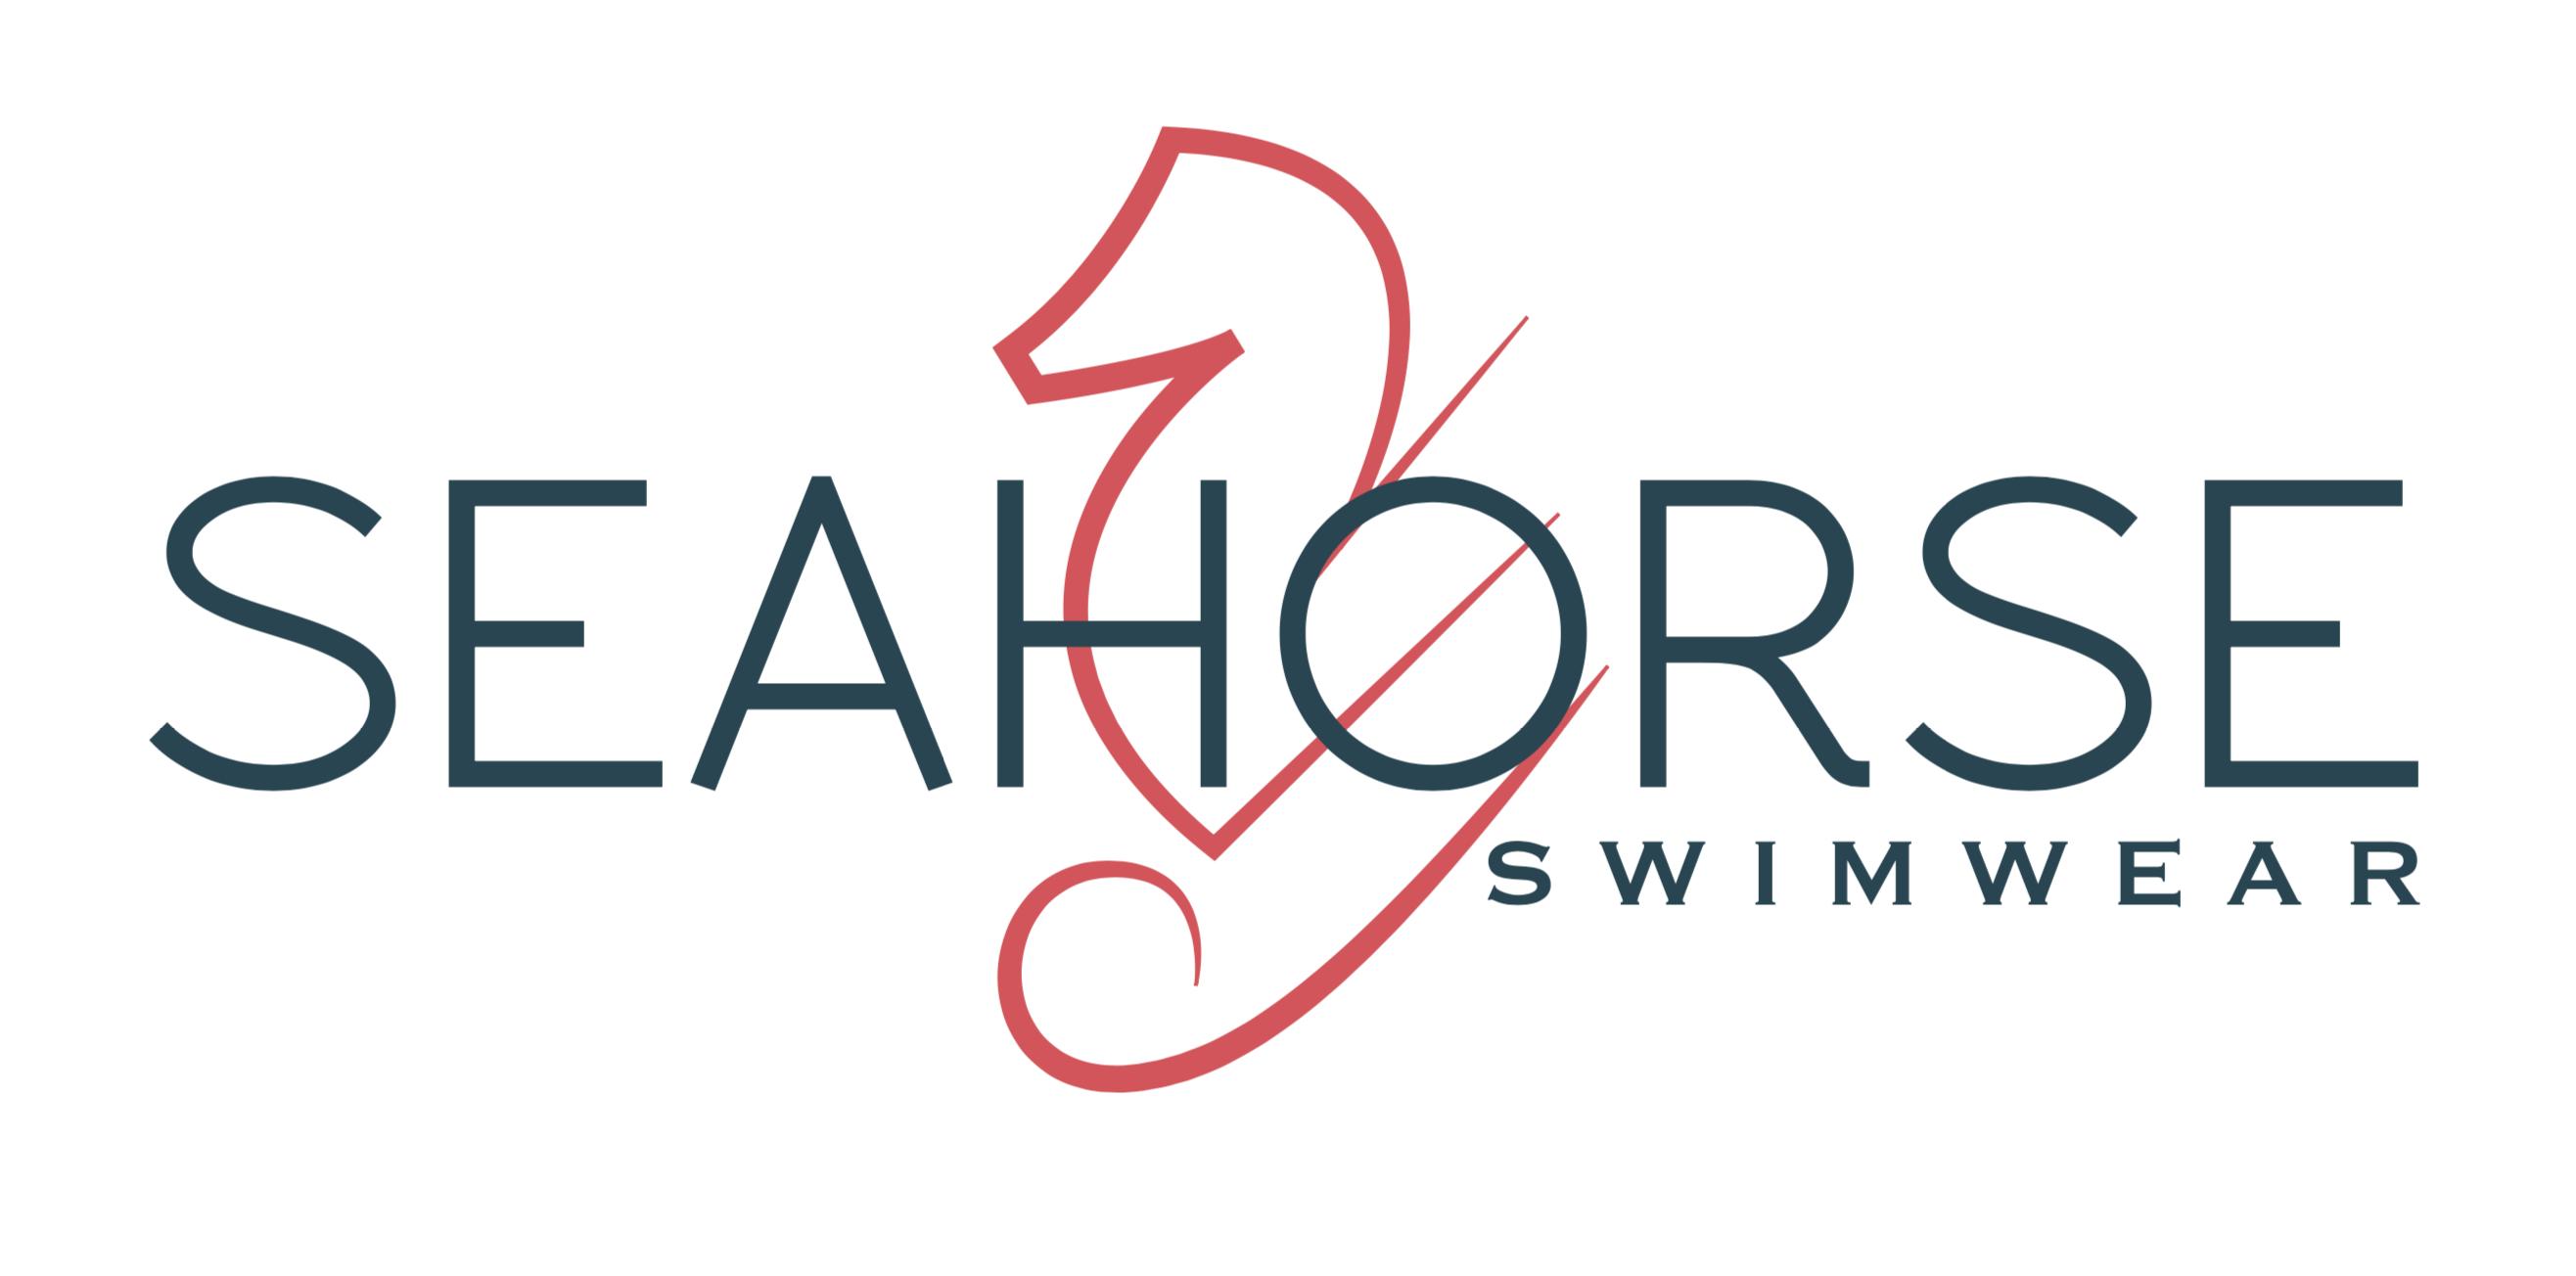 Seahorse Swimwear